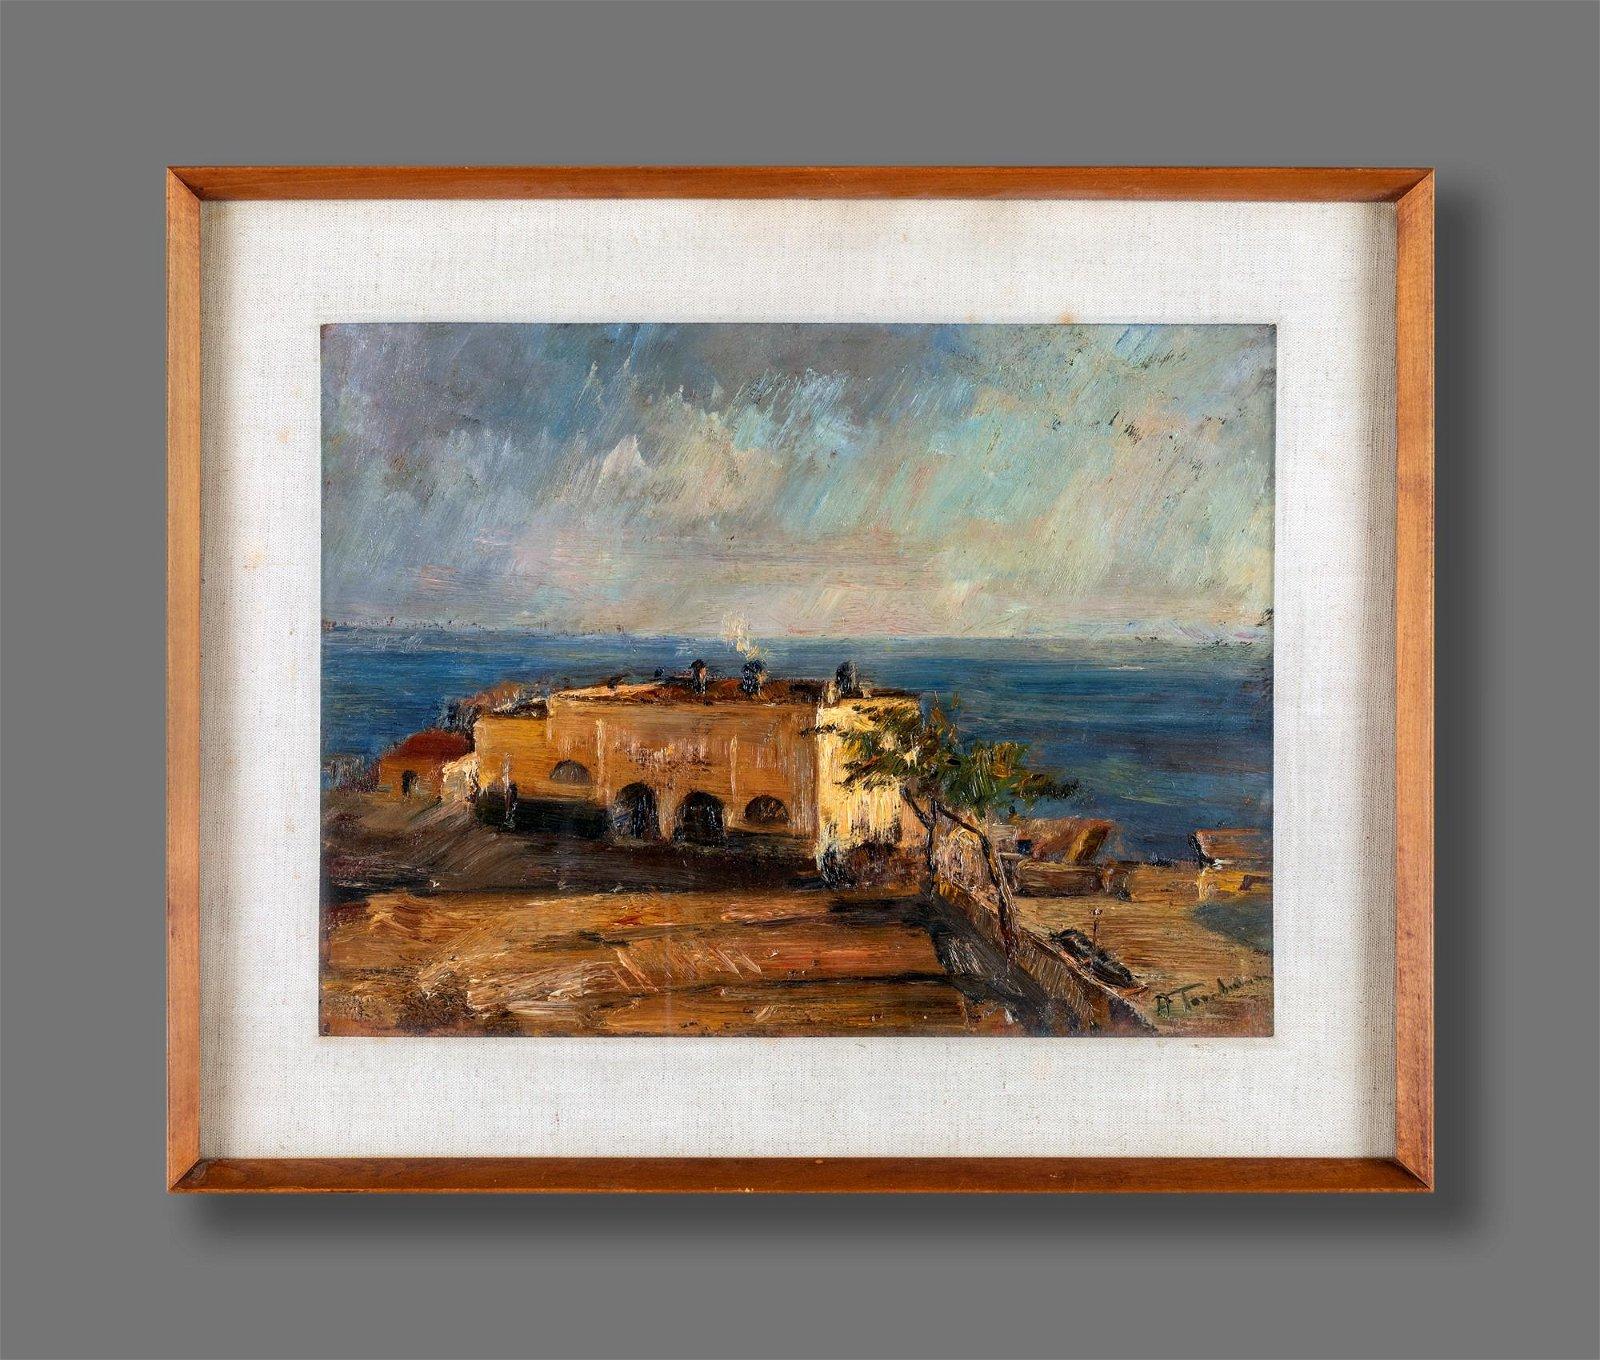 Amerigo Tamburrini (Napoli  1901-Napoli 1966)  View of